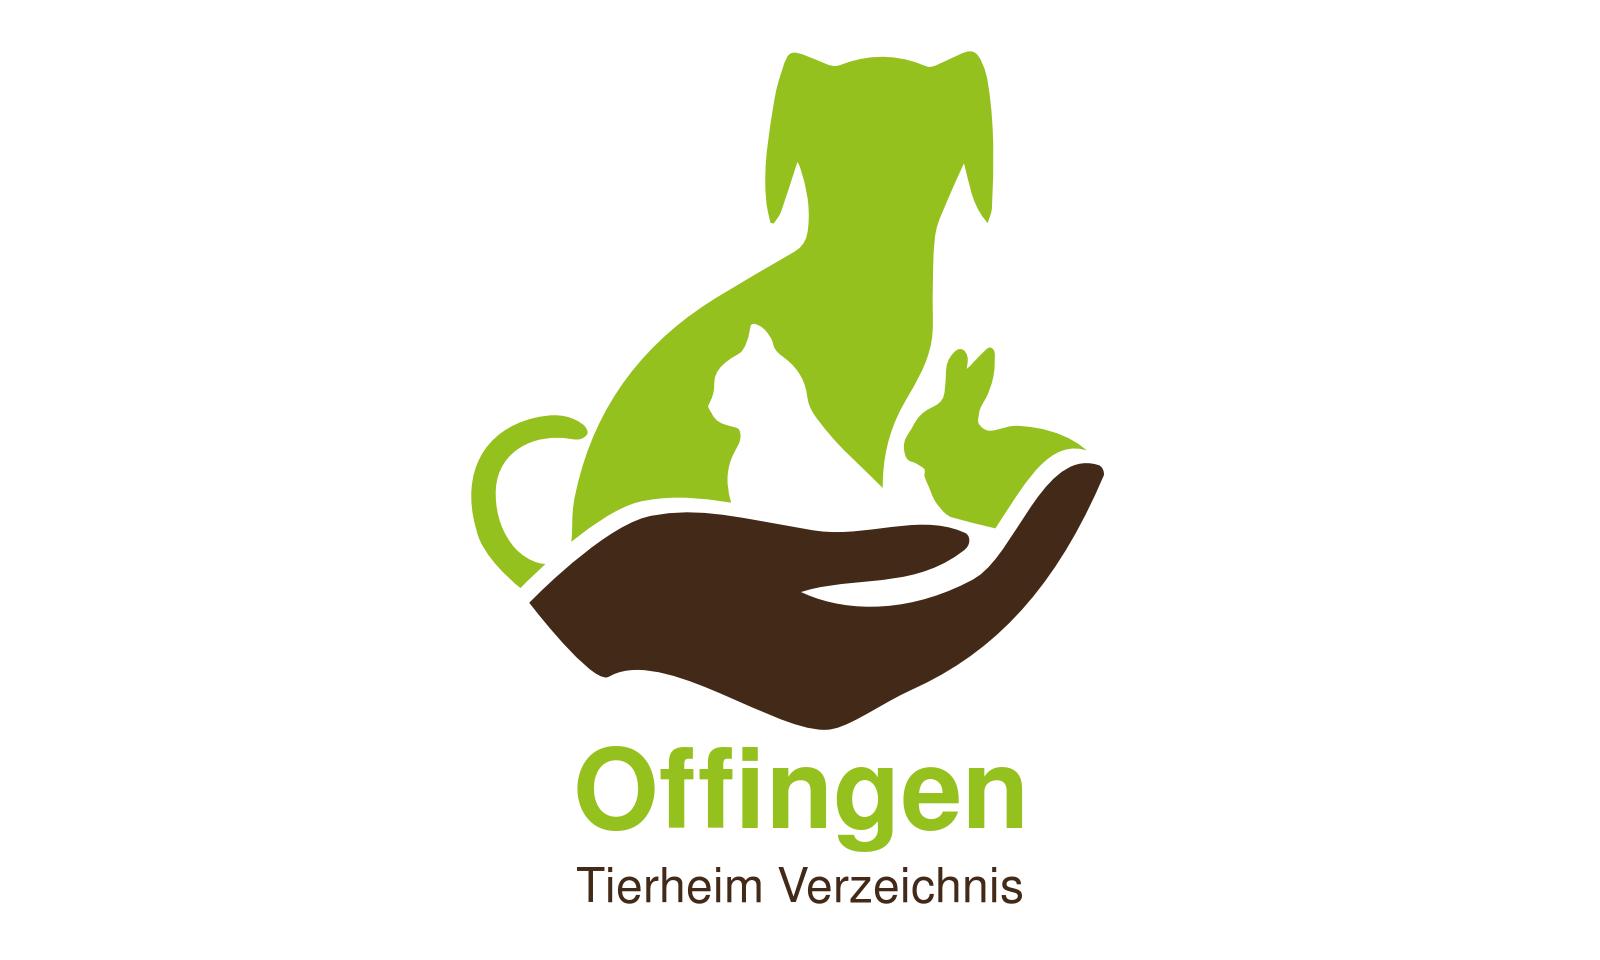 Tierheim Offingen